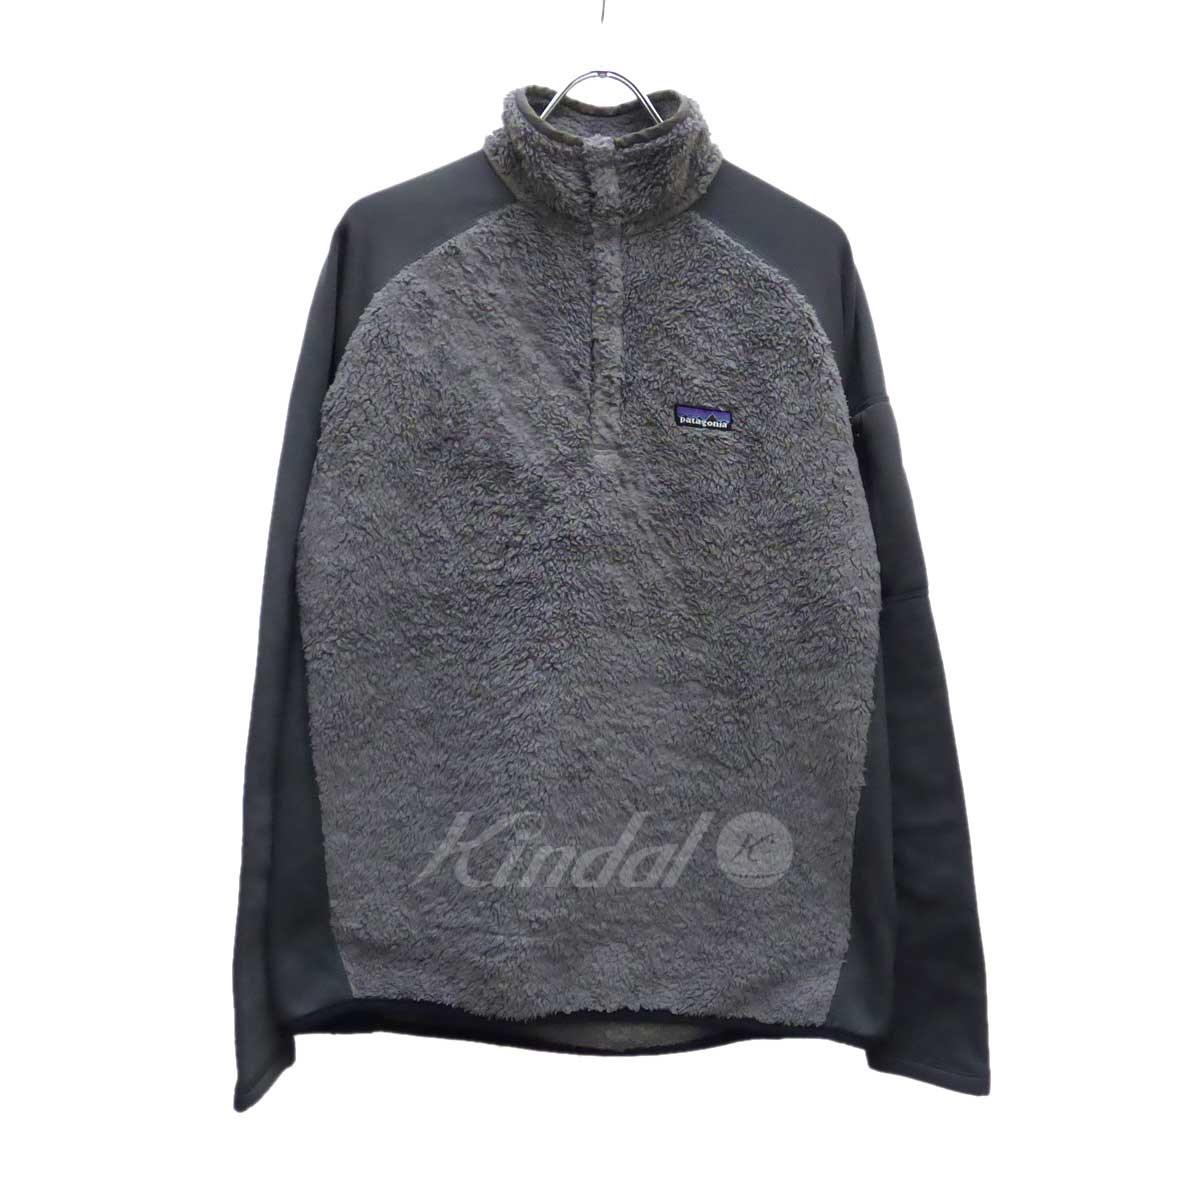 【中古】patagonia Synchilla Fleece Jacket フリースジャケット グレー サイズ:M 【送料無料】 【221018】(パタゴニア)